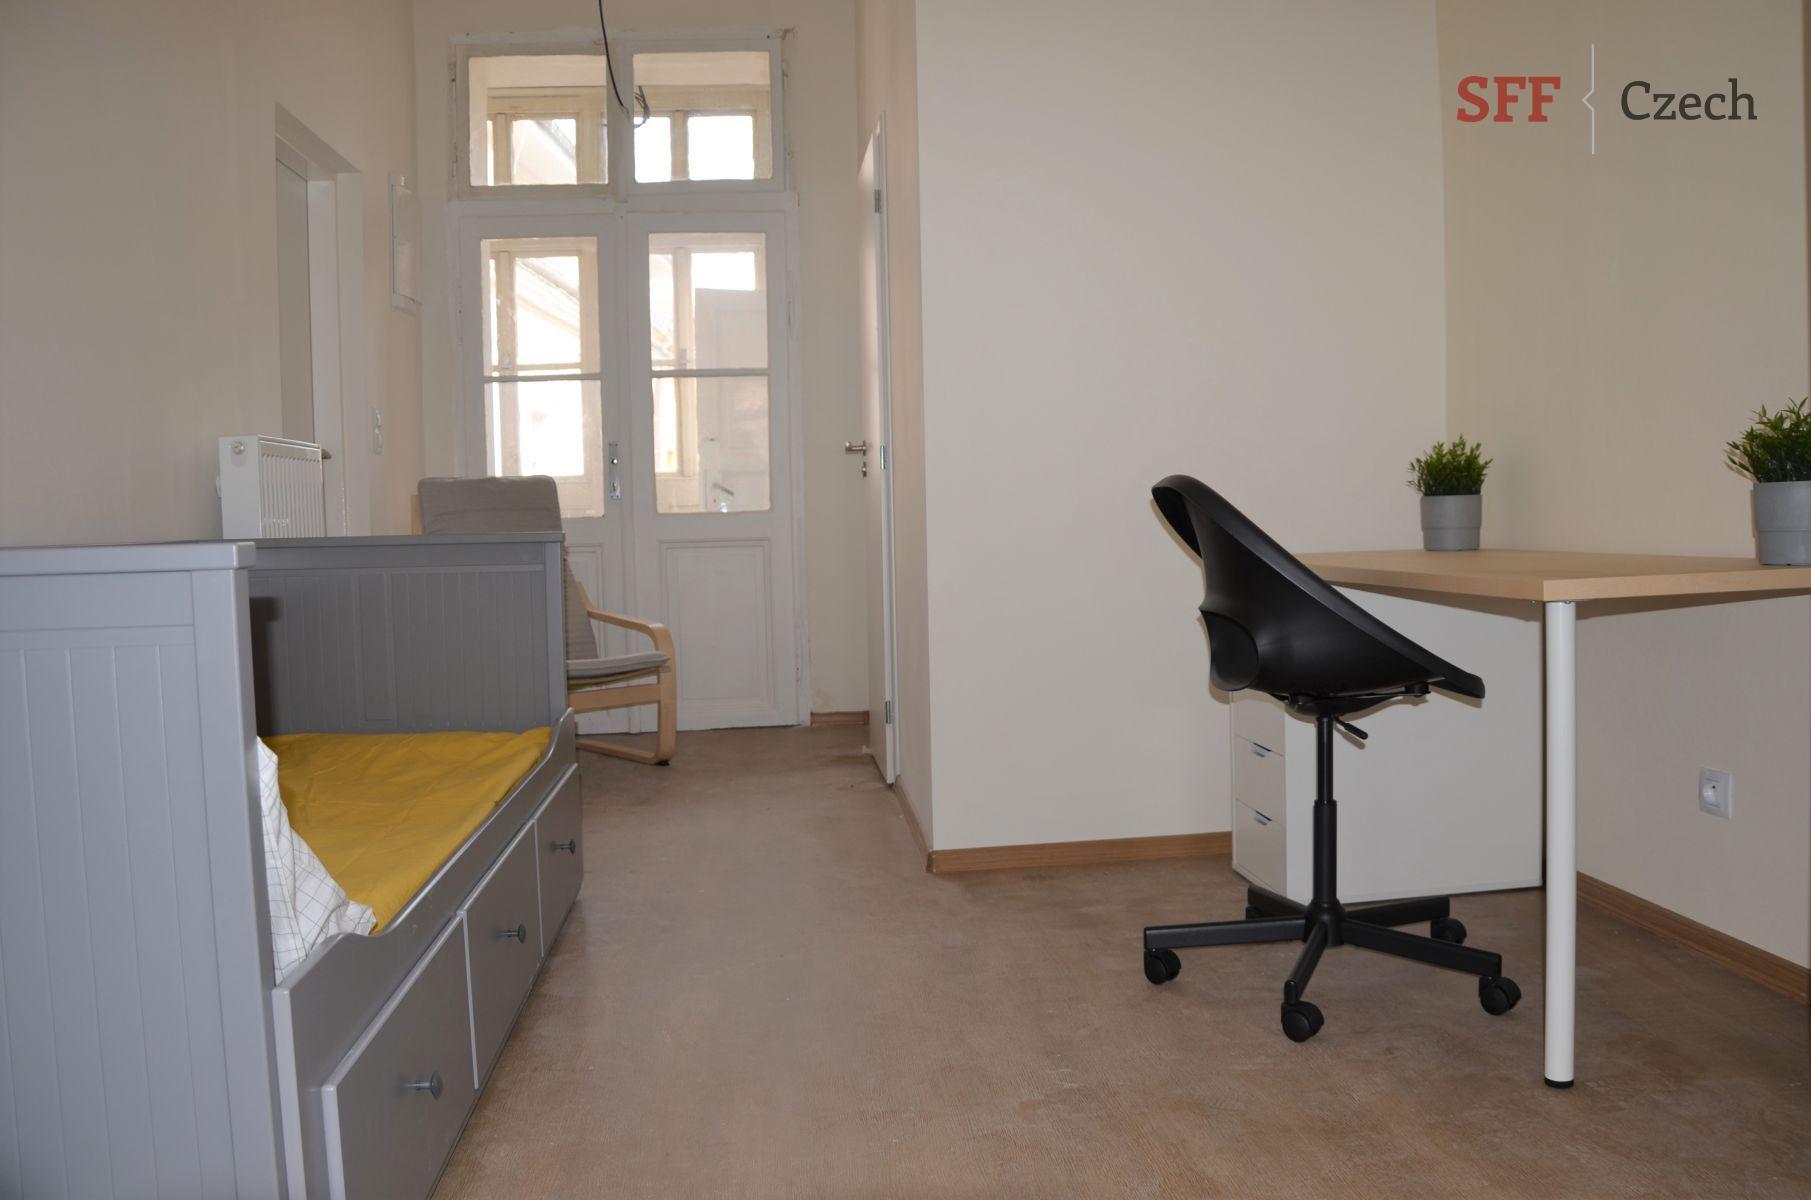 Pronájem zařízeného pokoje ve sdíleném bytě s vlastní koupelnou Praha 2 Nové město